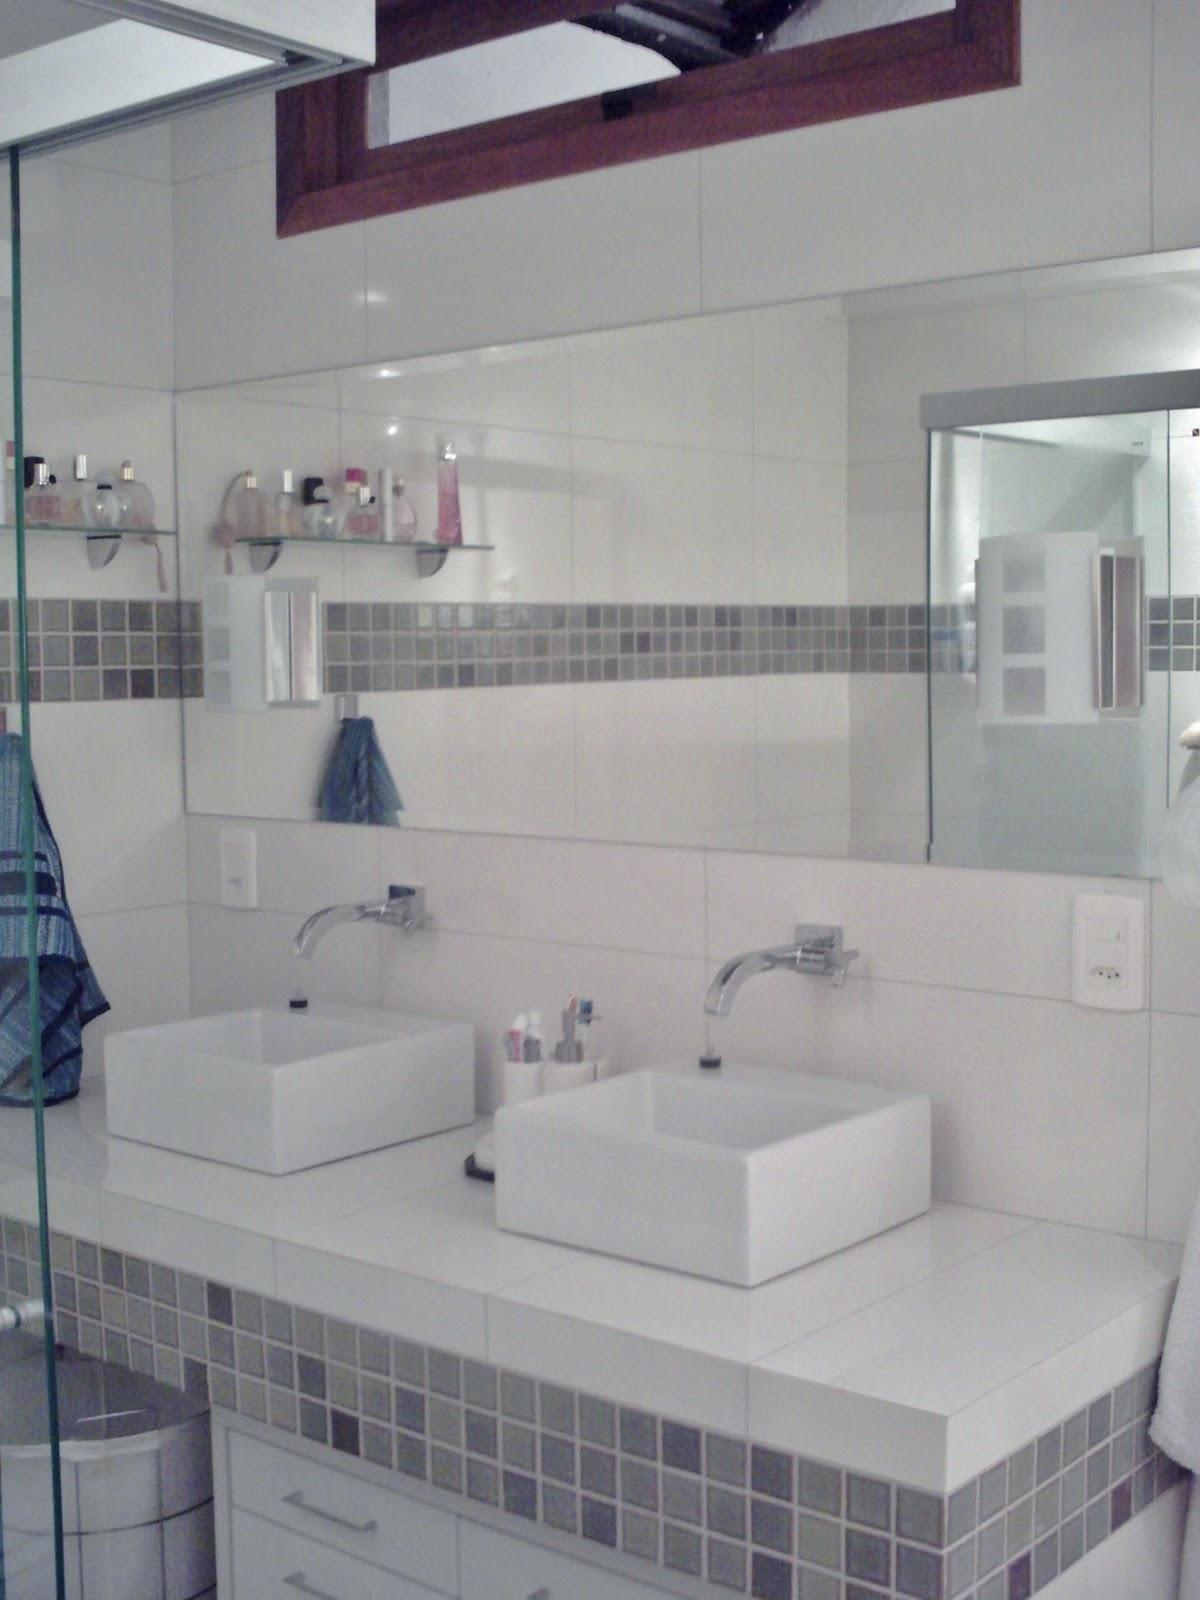 bancada da pia foi toda feita em concreto e revestida com porcelanato #485F69 1200x1600 Bancada Banheiro Concreto